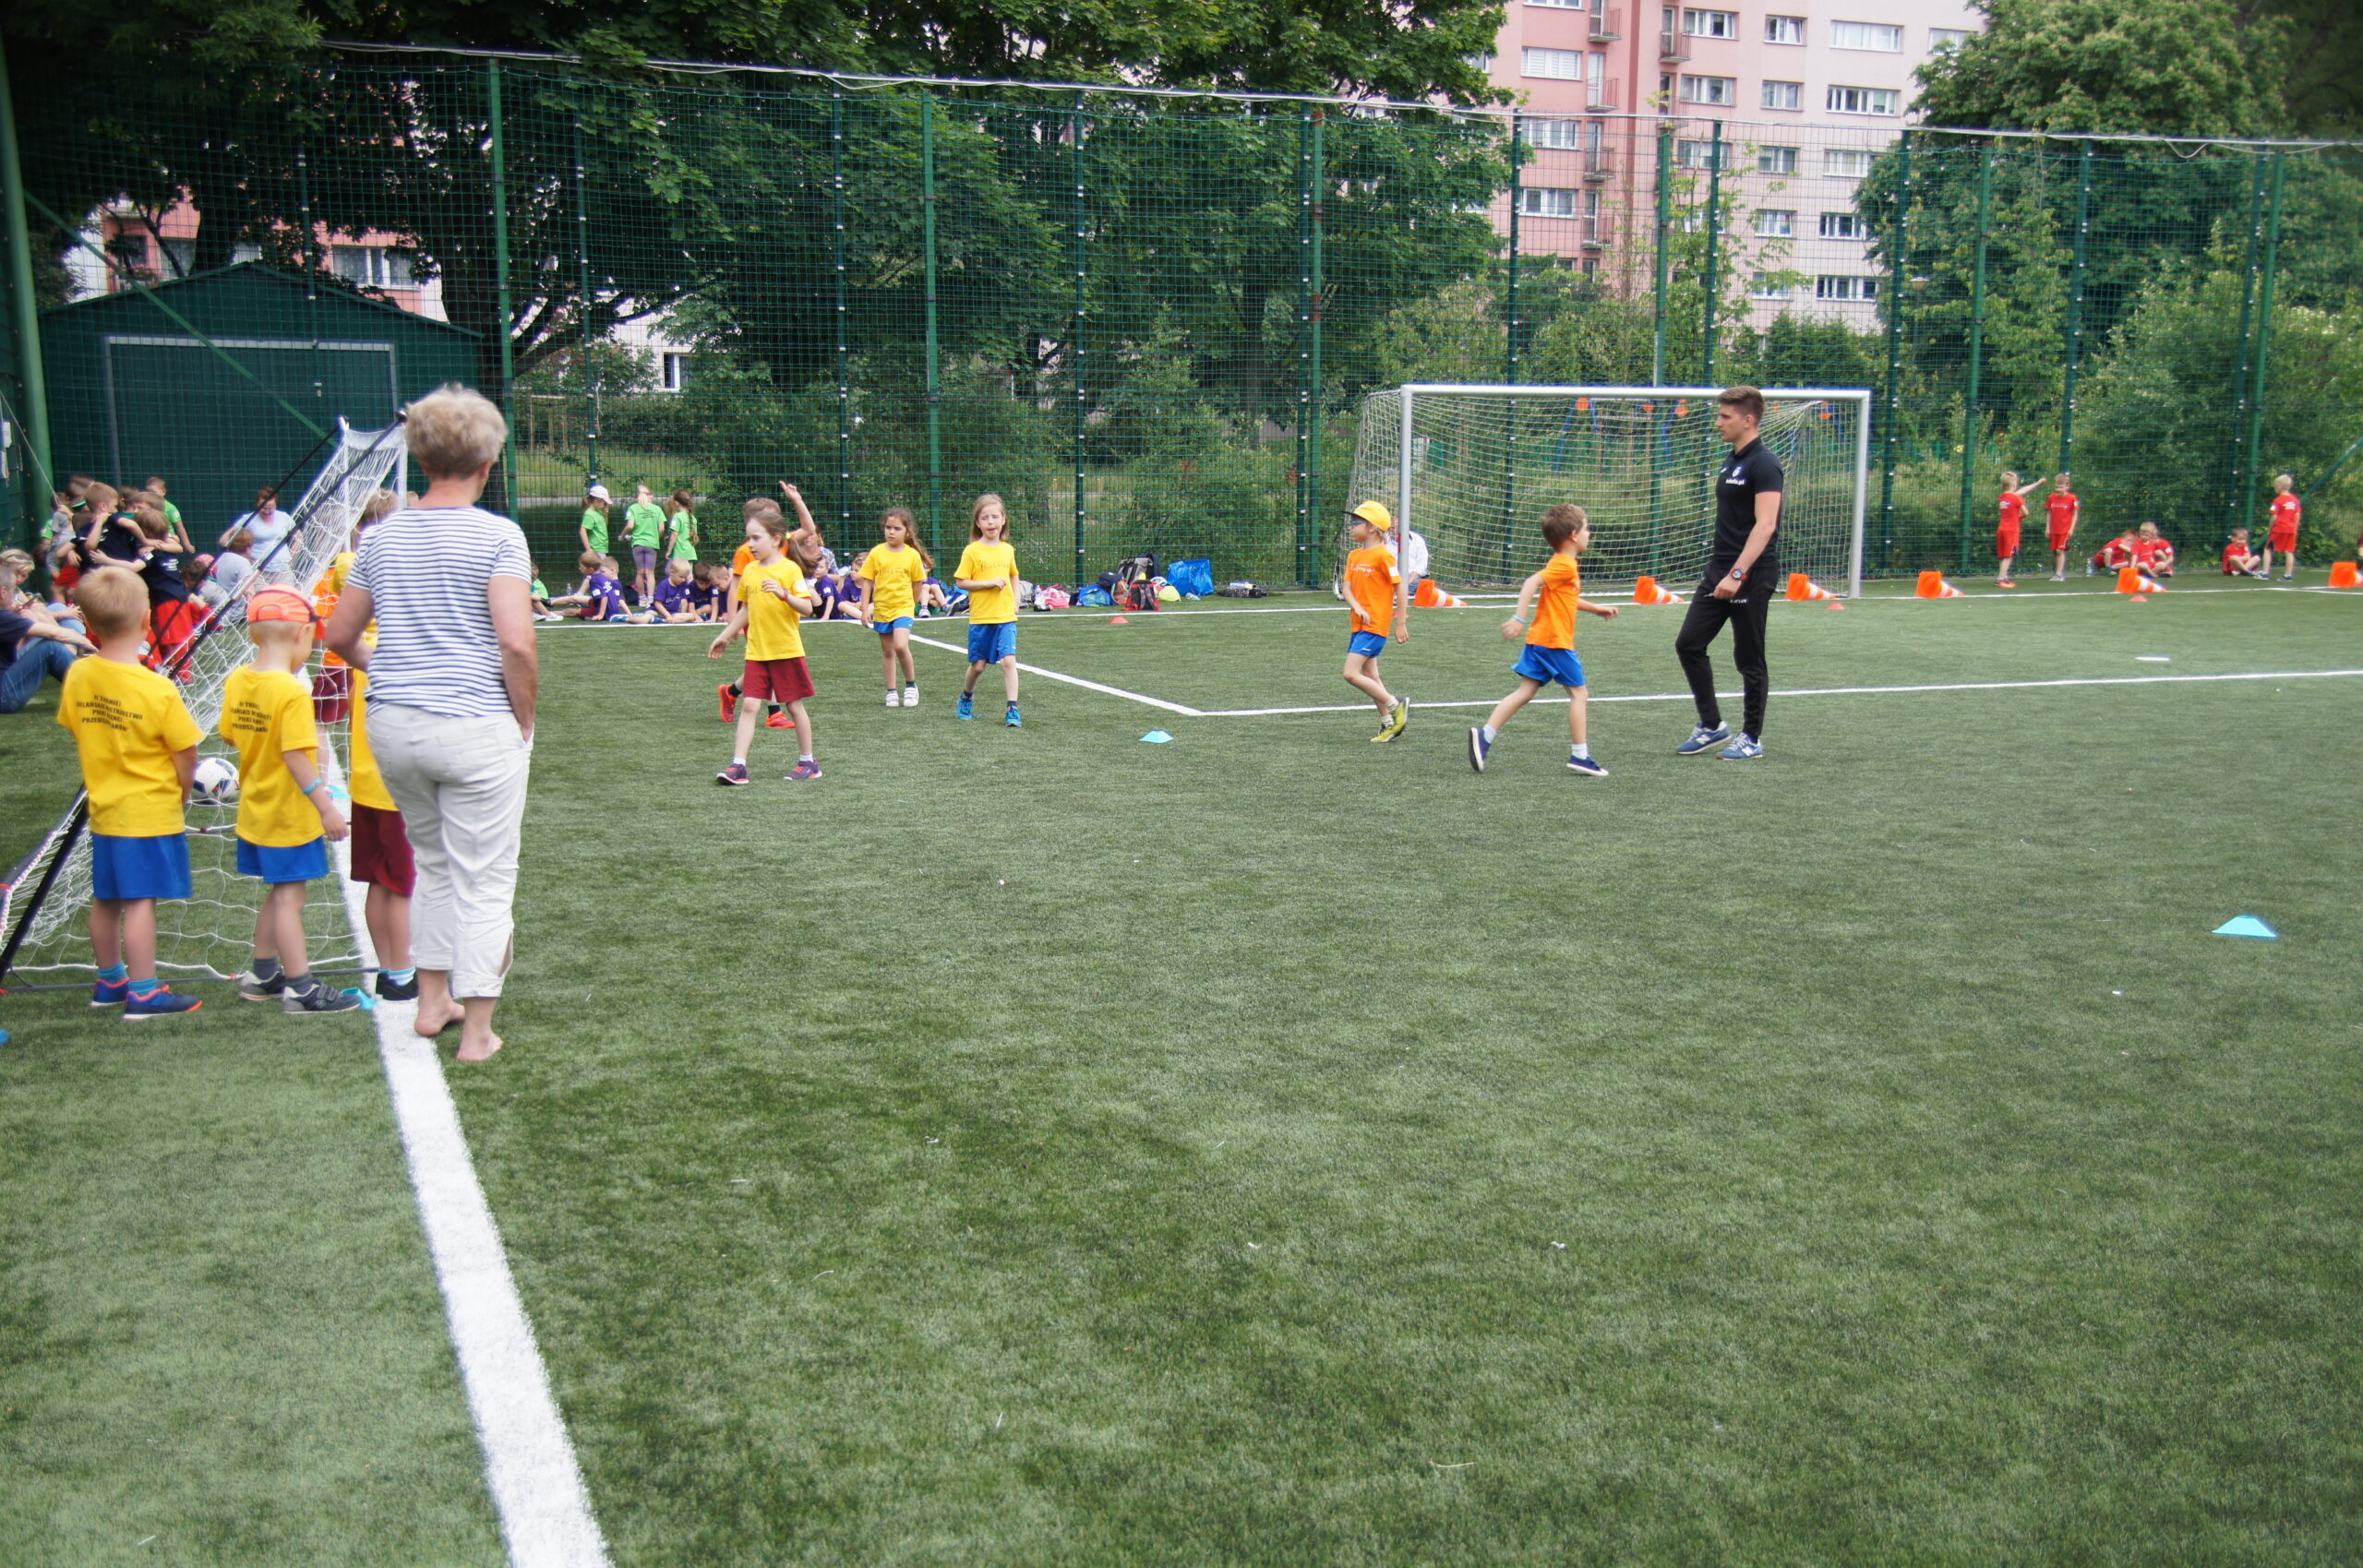 Młodzi zawodnicy, przedszkolaki grają na zielonej murawie boiska zewnętrznego Syrenka.